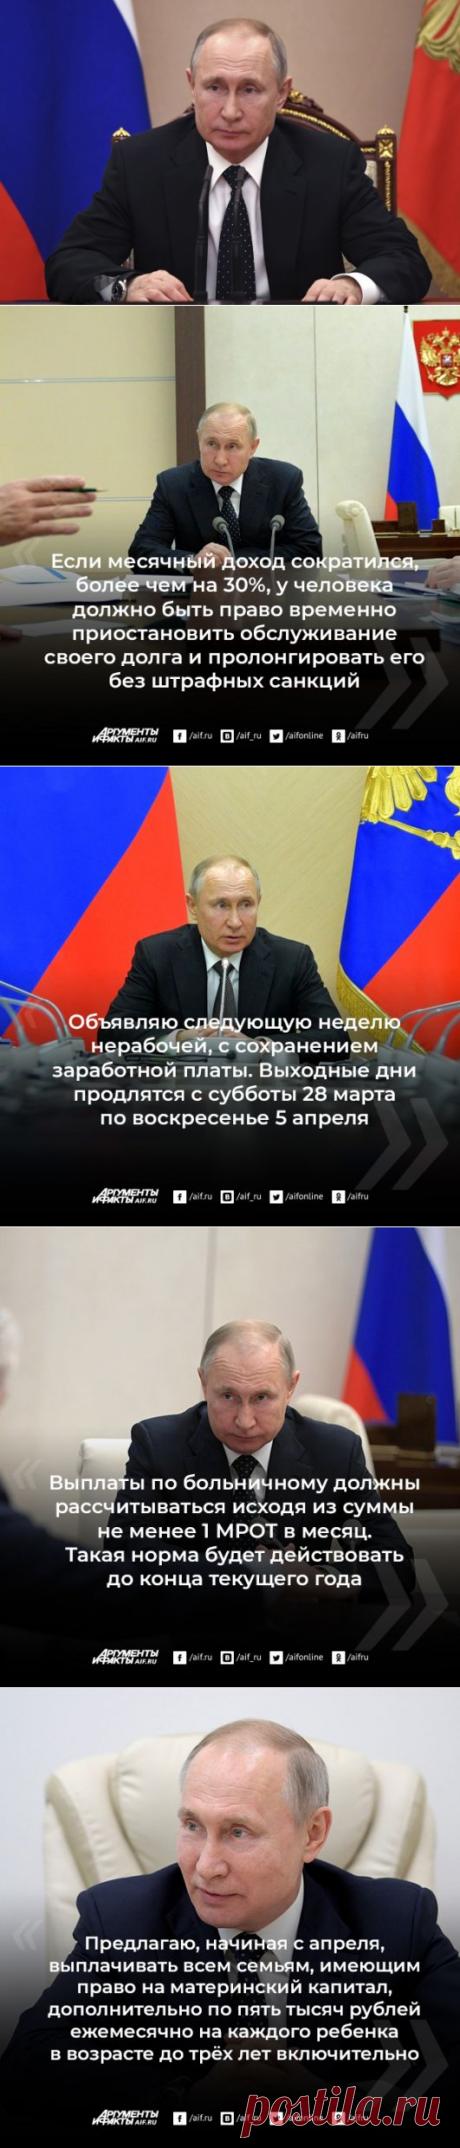 25.04.20-«Государство никого не бросит». Какие меры поддержки людей предложил Путин? | В России | Политика | Аргументы и Факты